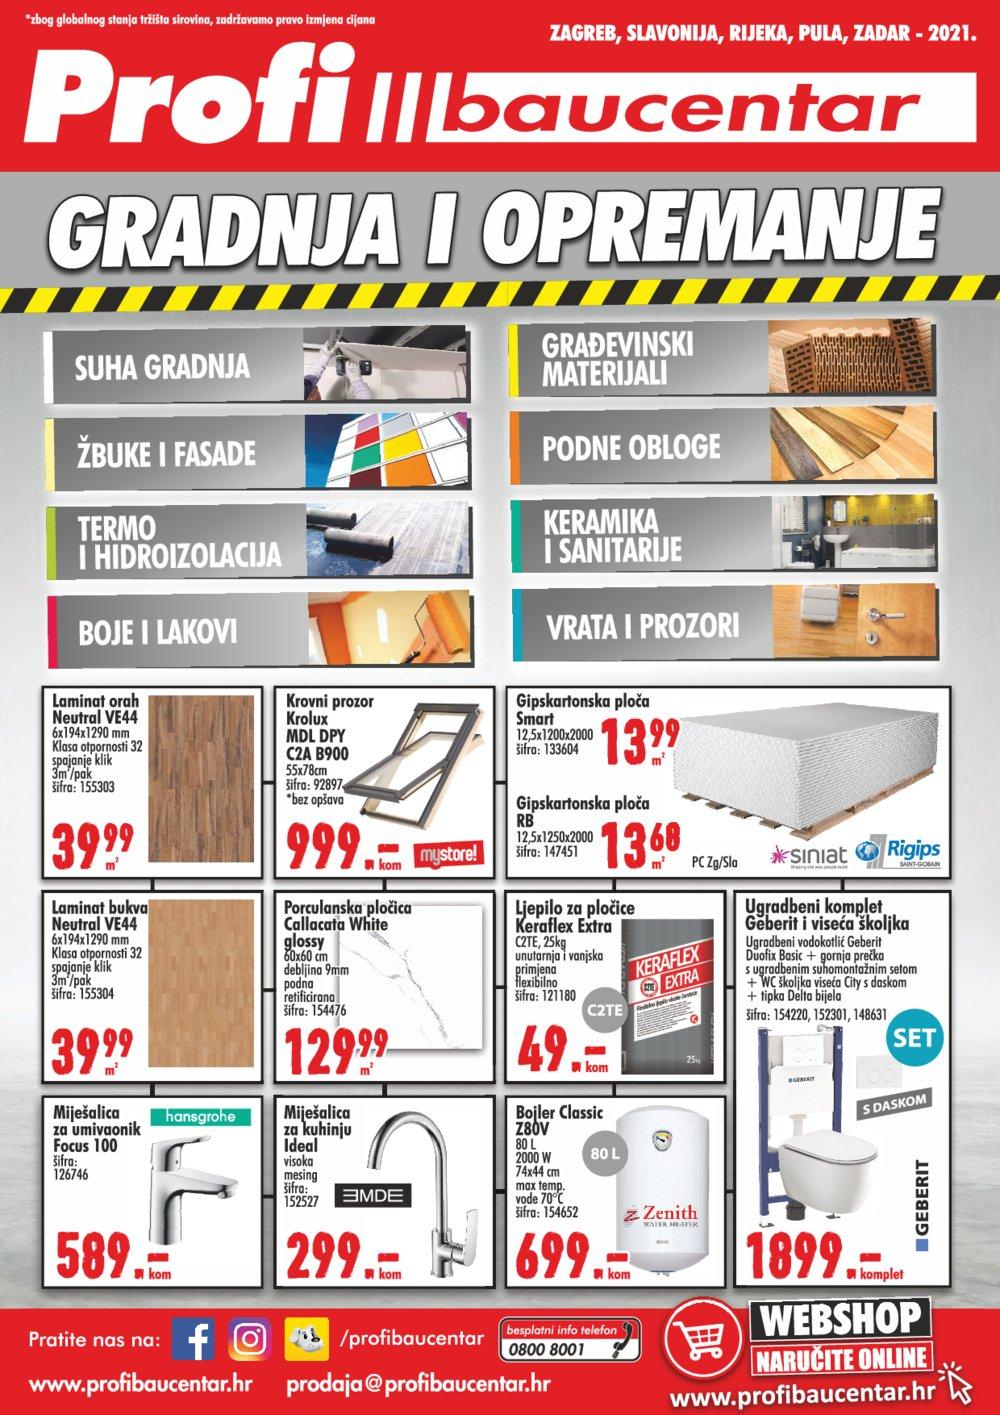 Profi baucentar katalog Proljeće/ljeto 01.06.-31.08.2021.